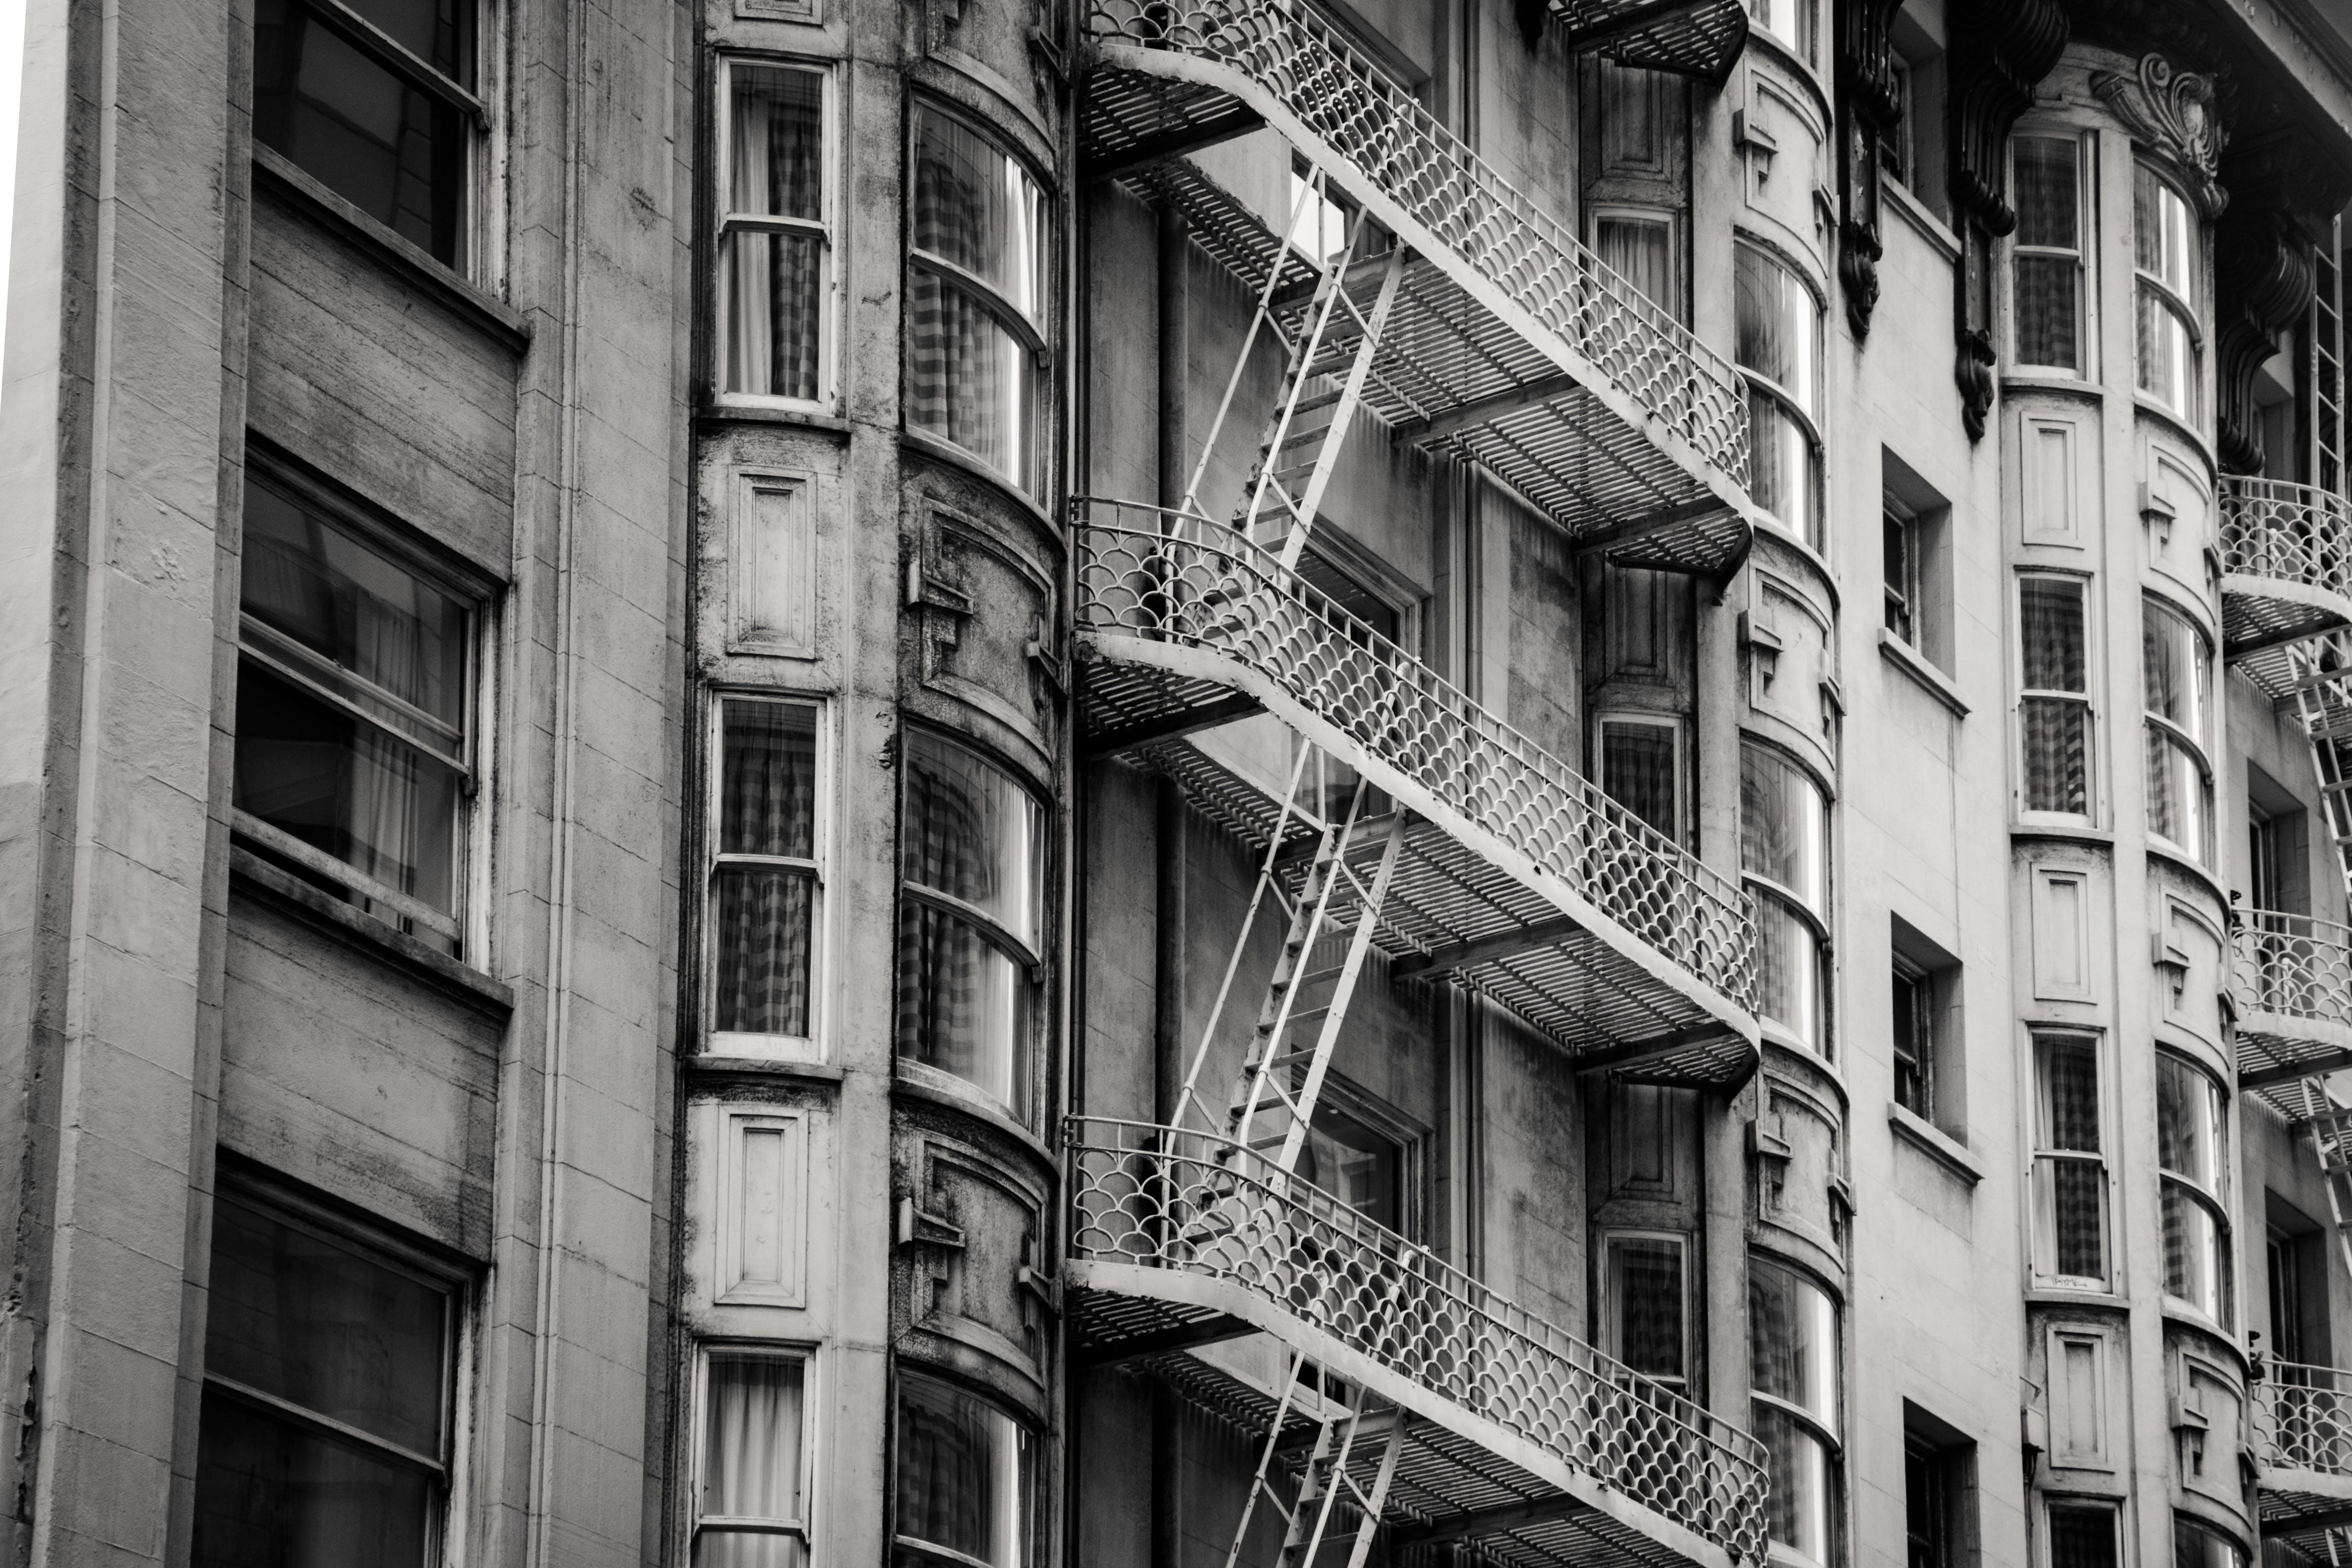 architektur, fenster, gebäude